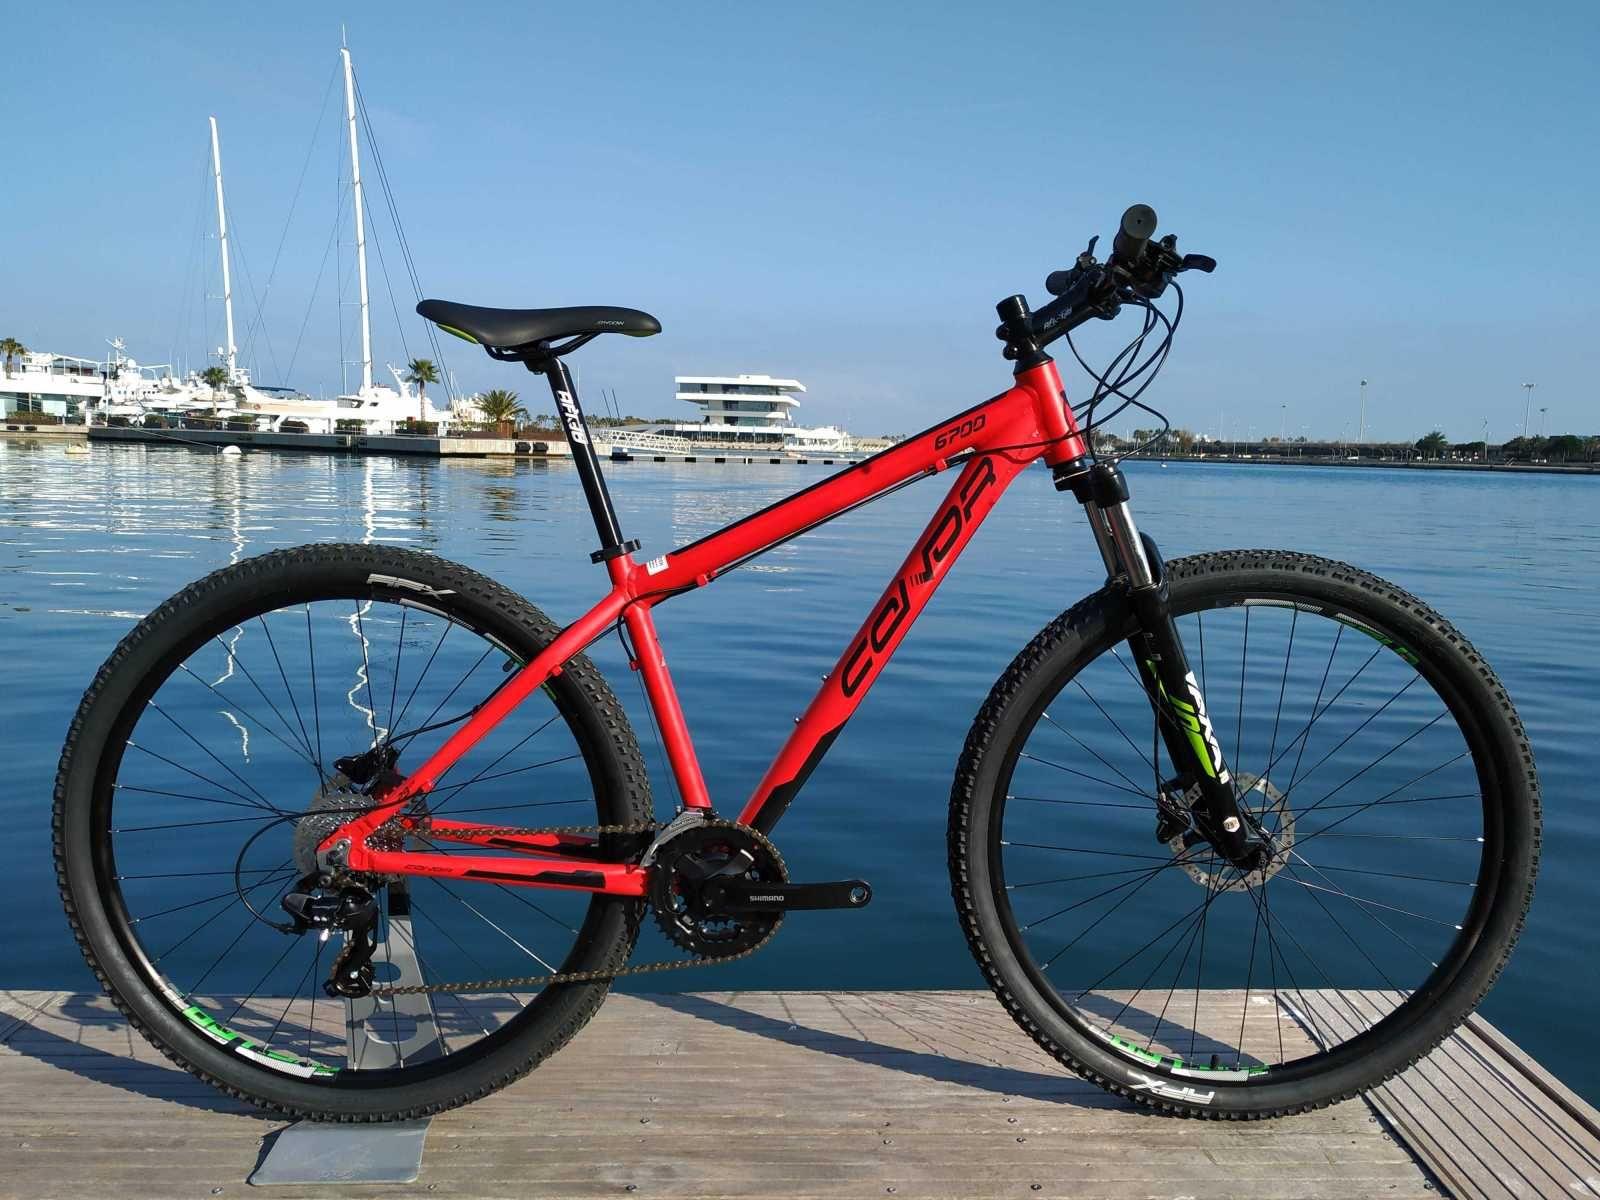 Bicicleta De Montaña Conor 6700 Ref 42271 Talla M Año 2018 Cambio Shimano Altus Cuadro De Alumi Bicicletas Mountain Bike Bicicletas Bicicletas De Montaña